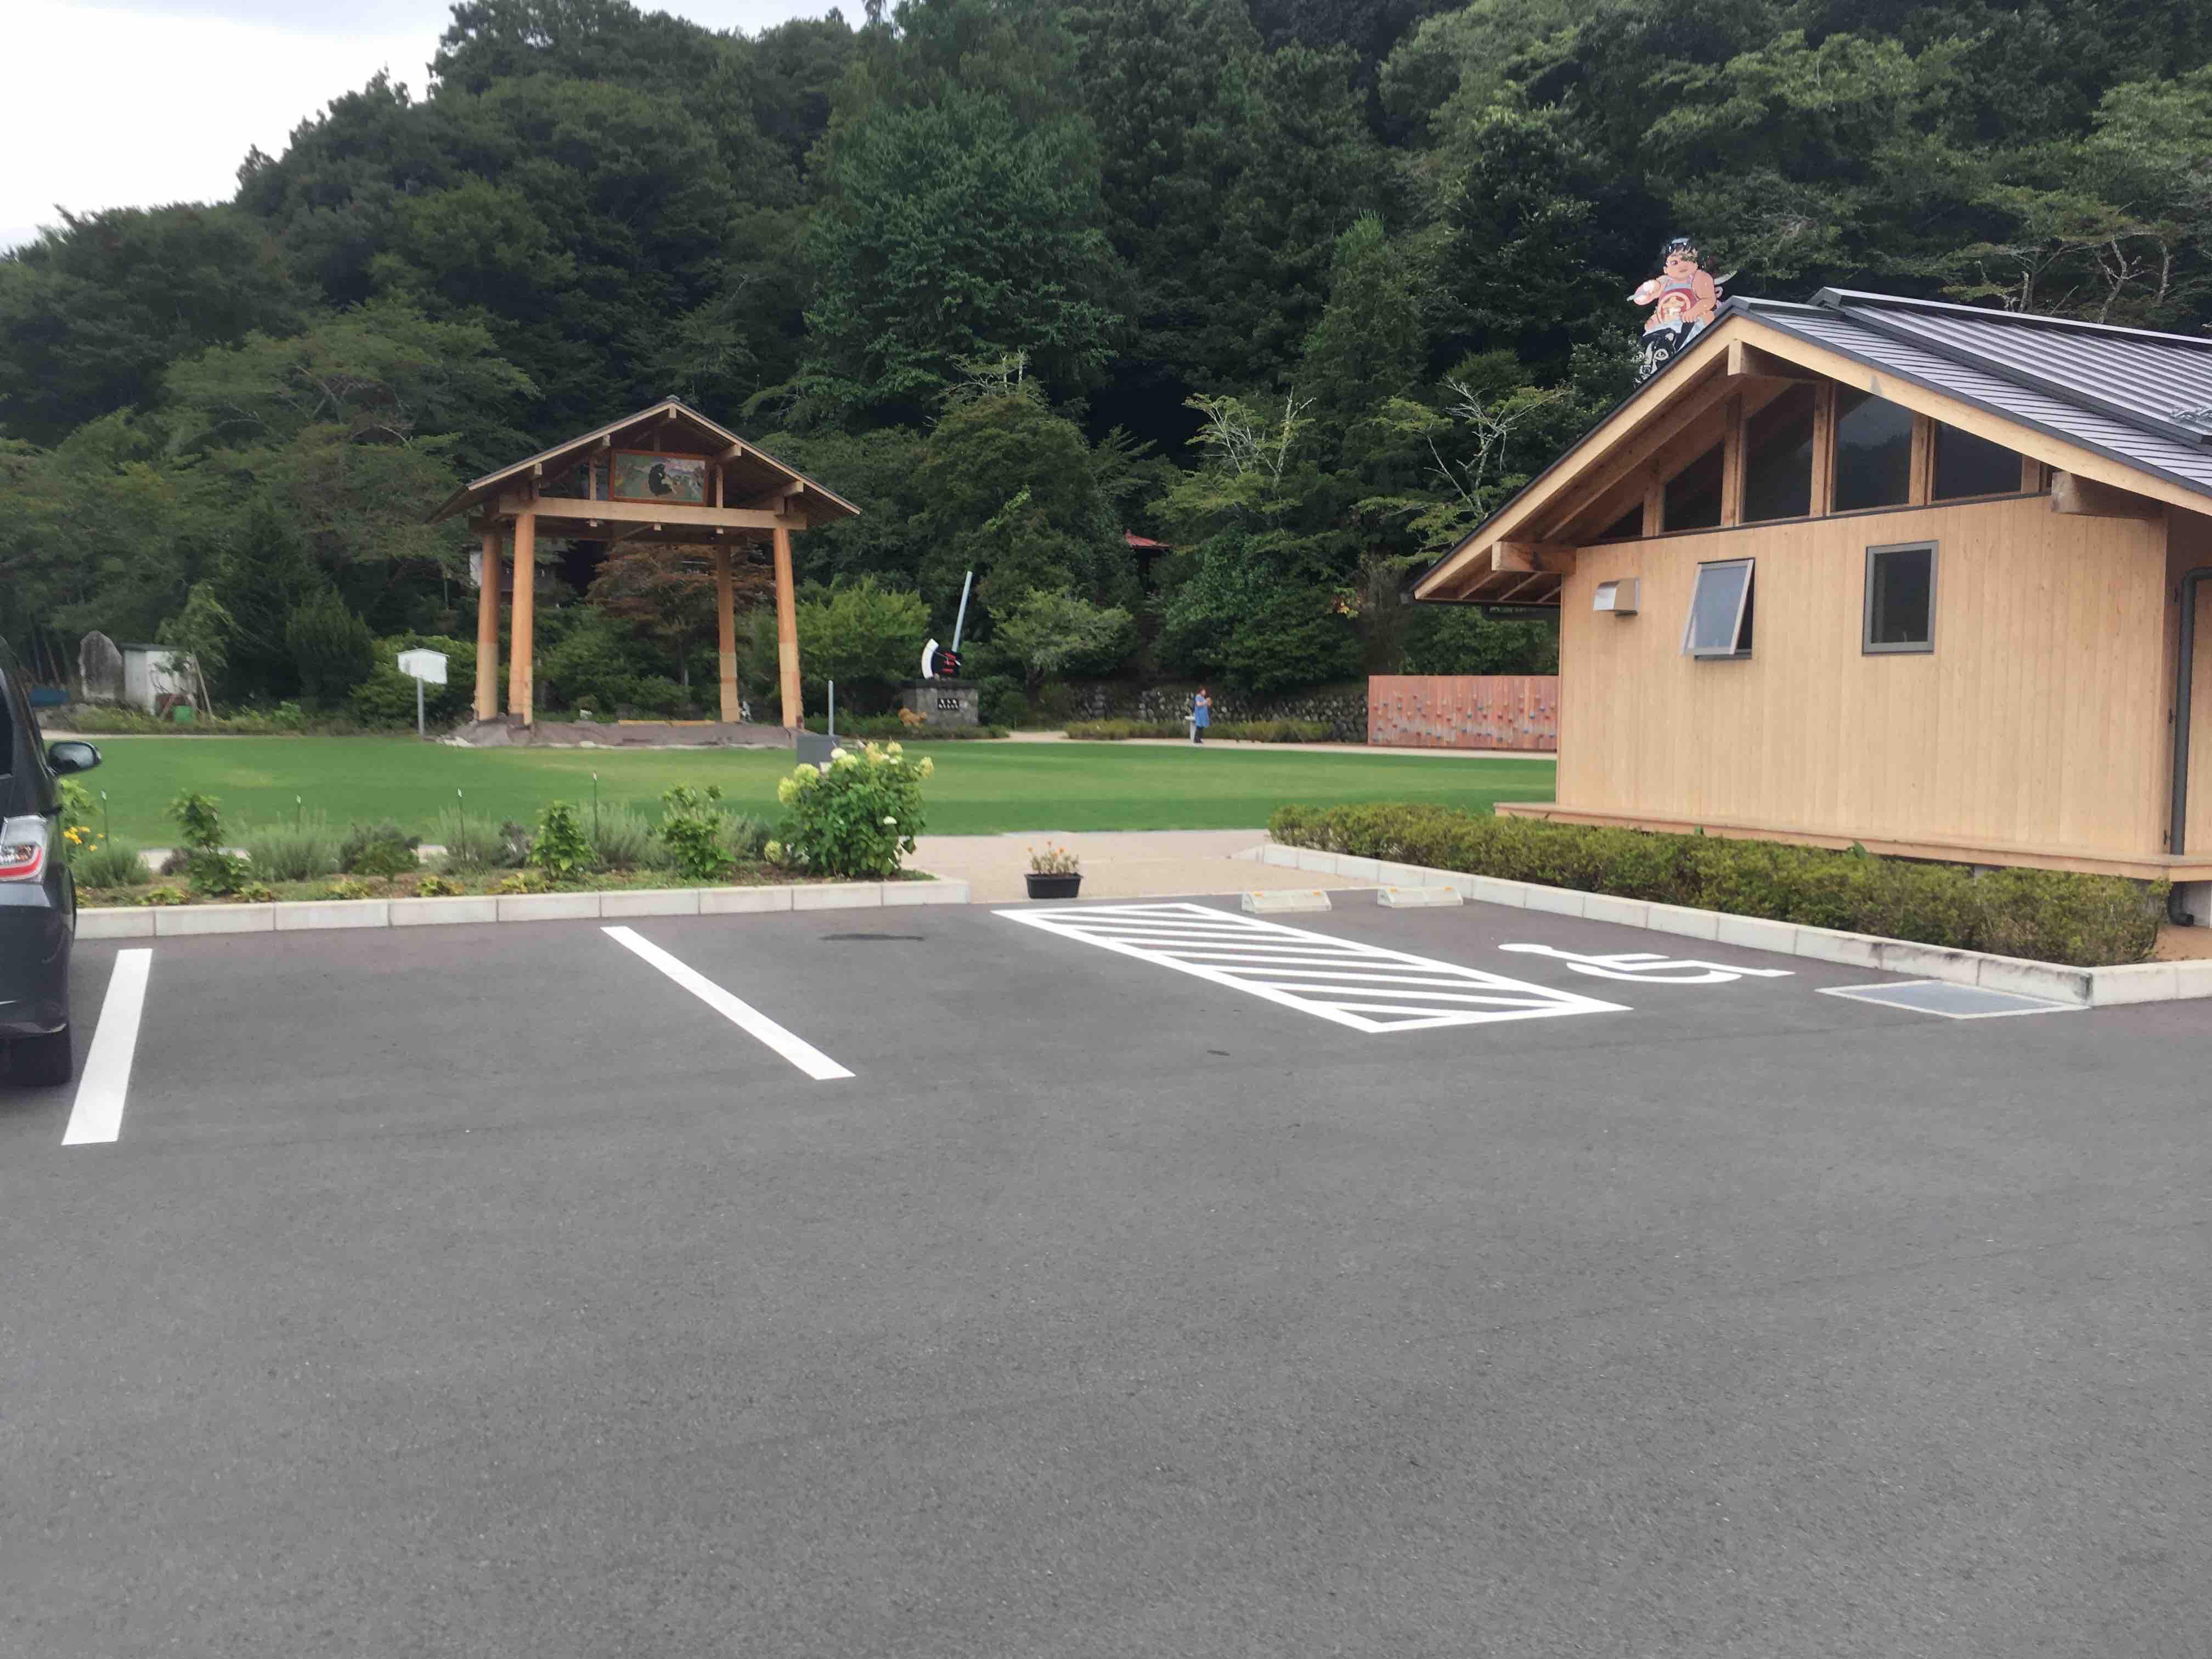 金時公園がリフォームされていた_d0164691_2012244.jpg